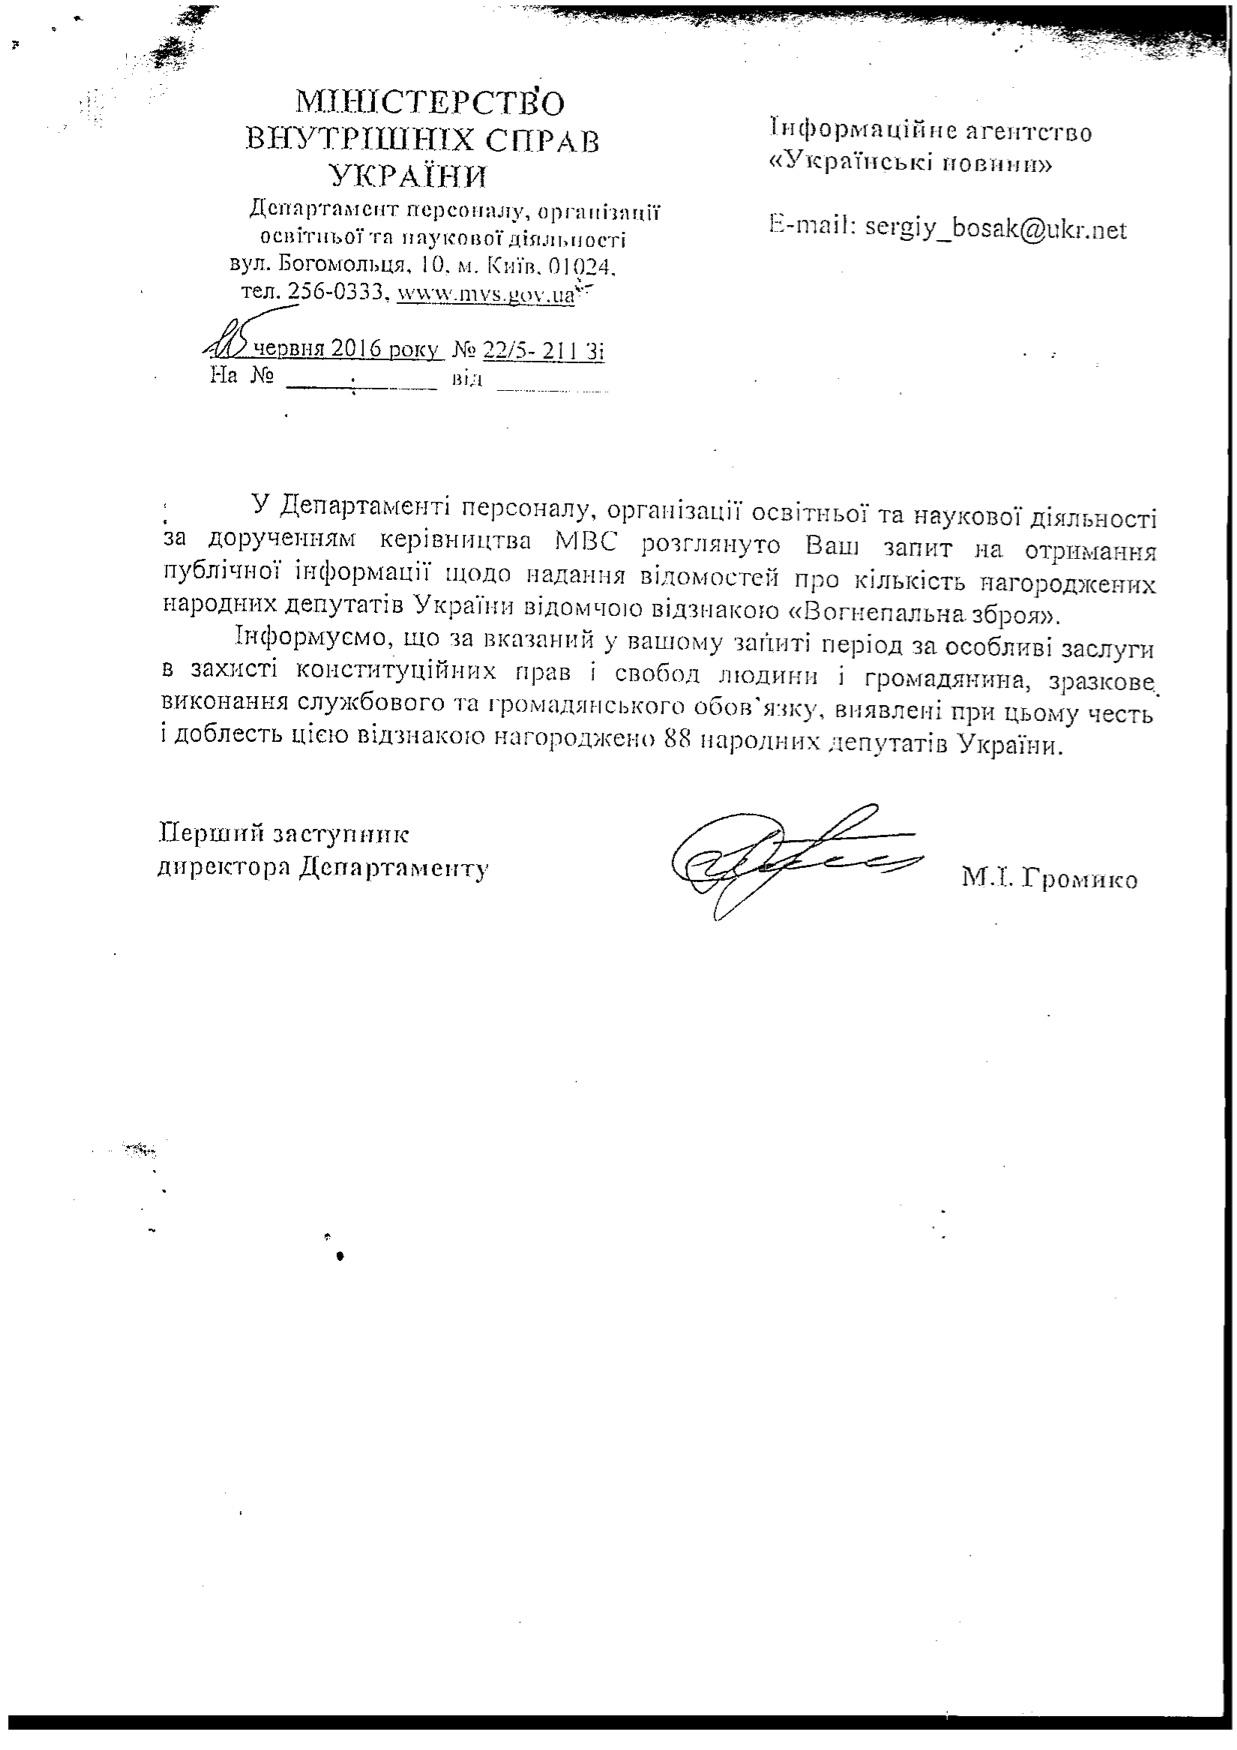 Аваков нагородив 88 нардепів вогнепальною зброєю - фото 1